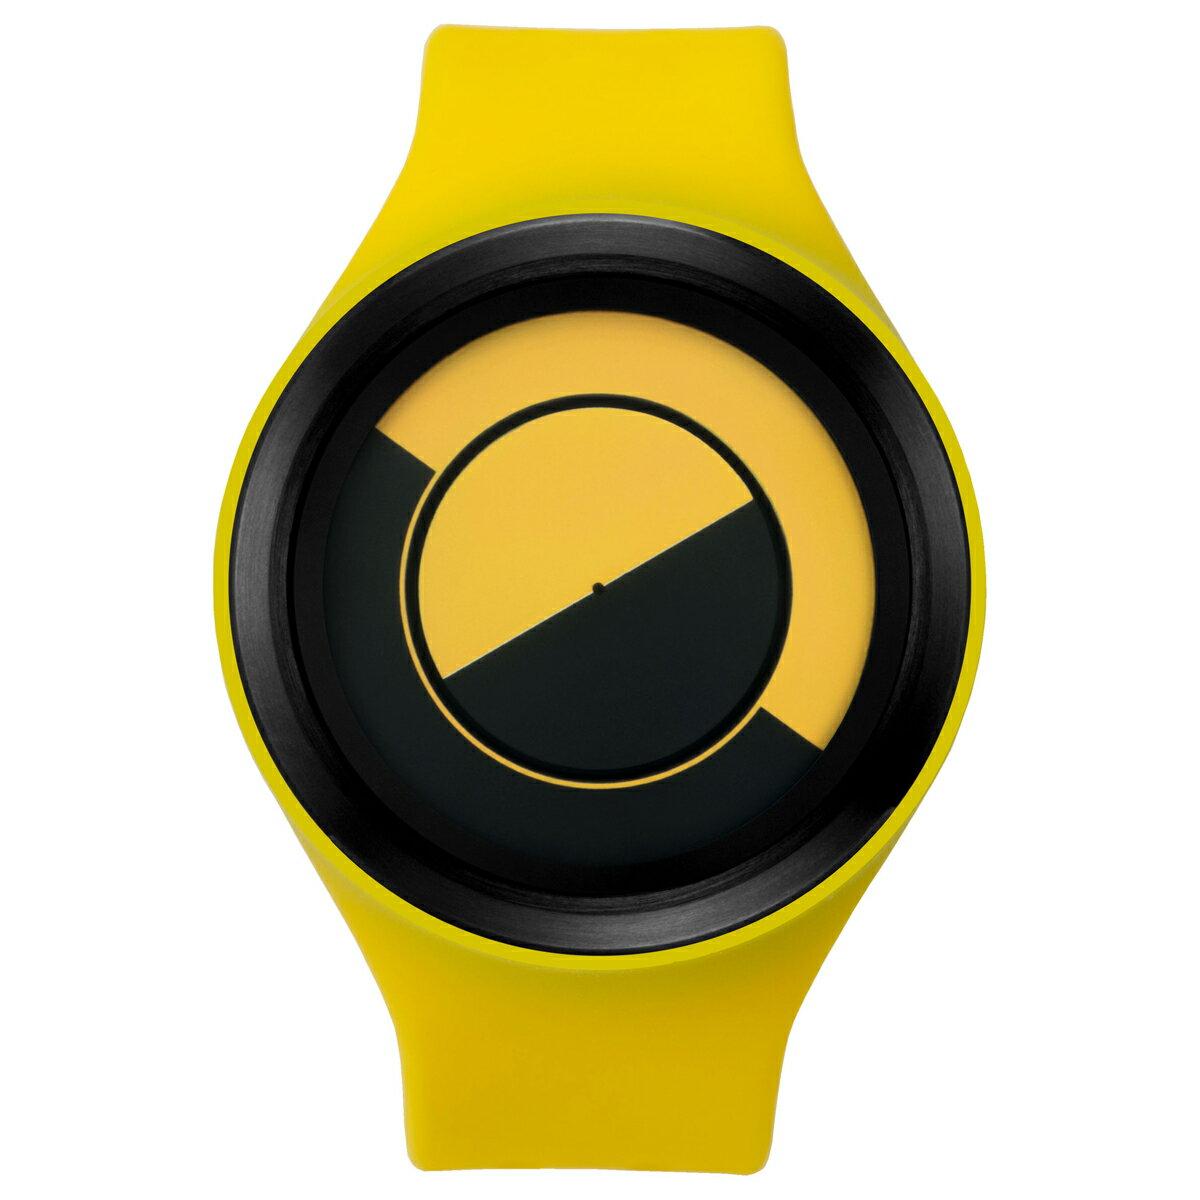 ZEROO QUARTER MOON ゼロ 電池式クォーツ 腕時計 [W01004B03SR09] イエロー デザインウォッチ ペア用 メンズ レディース ユニセックス おしゃれ時計 デザイナーズ